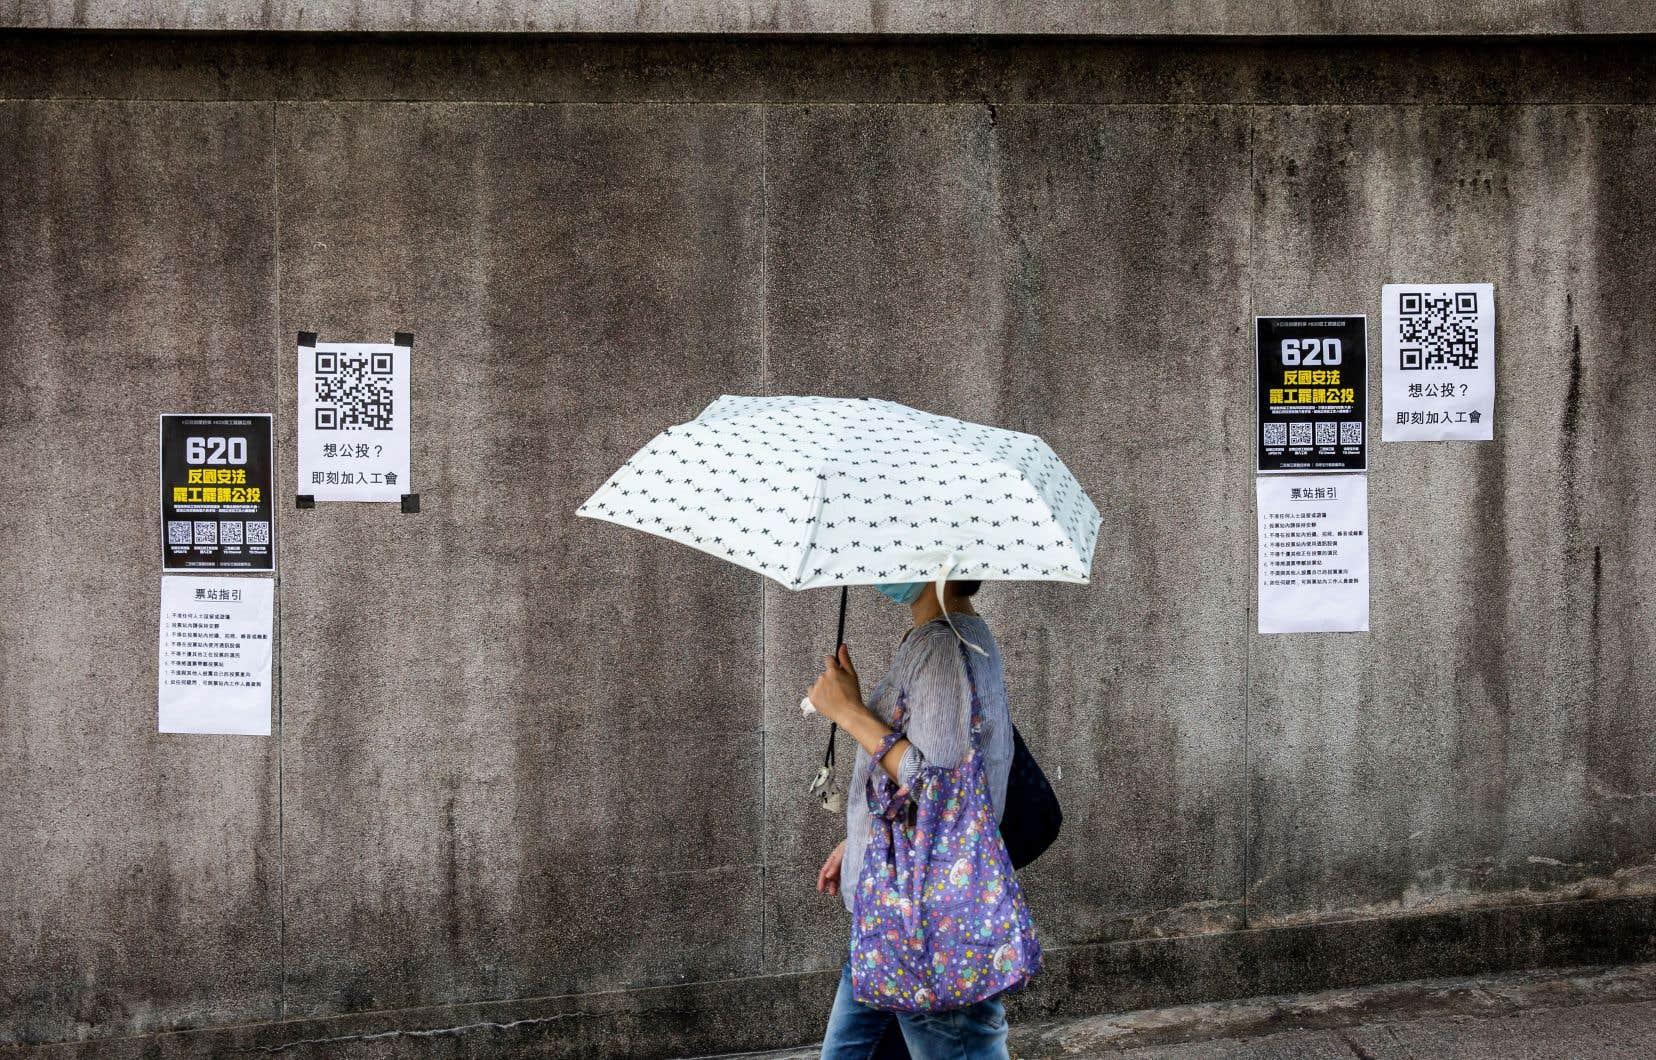 Des affiches font la promotion d'une grève à Hong Kong pour manifester contre le projet de loi instigué par la Chine sur le territoire.